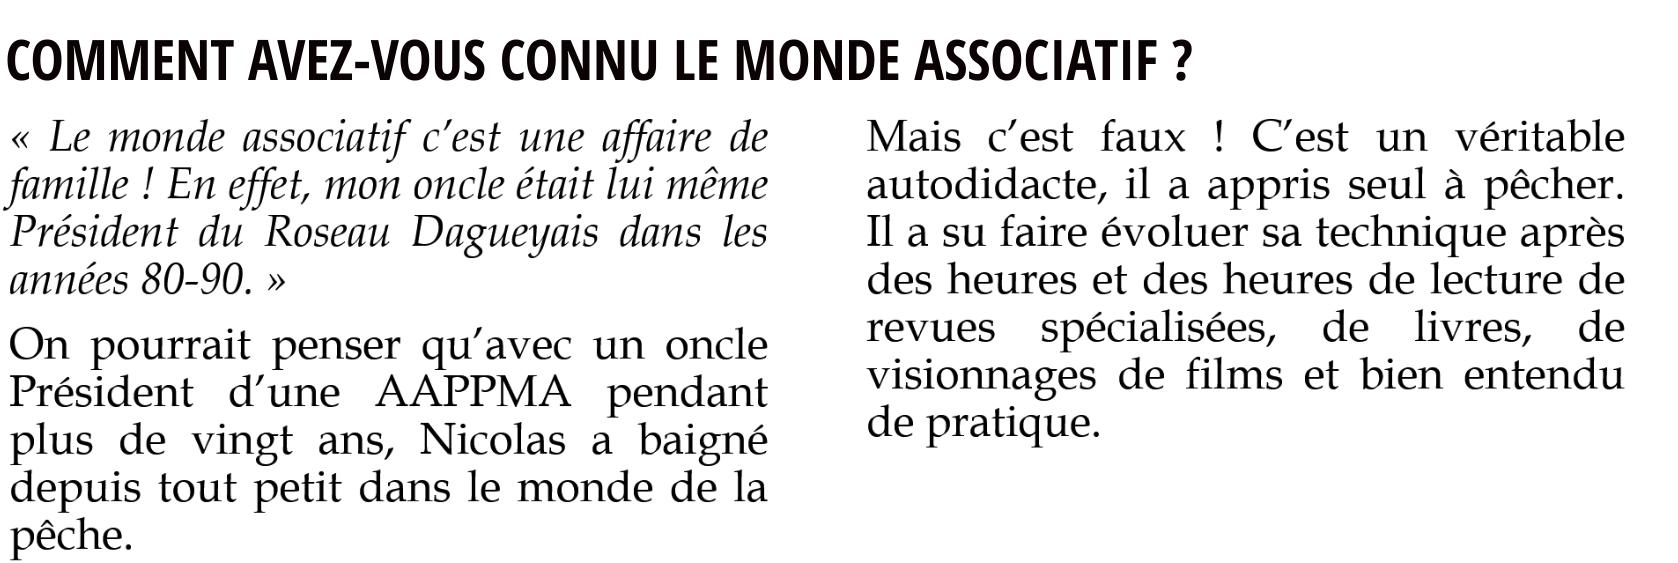 N. Delapierre question 2 (1)